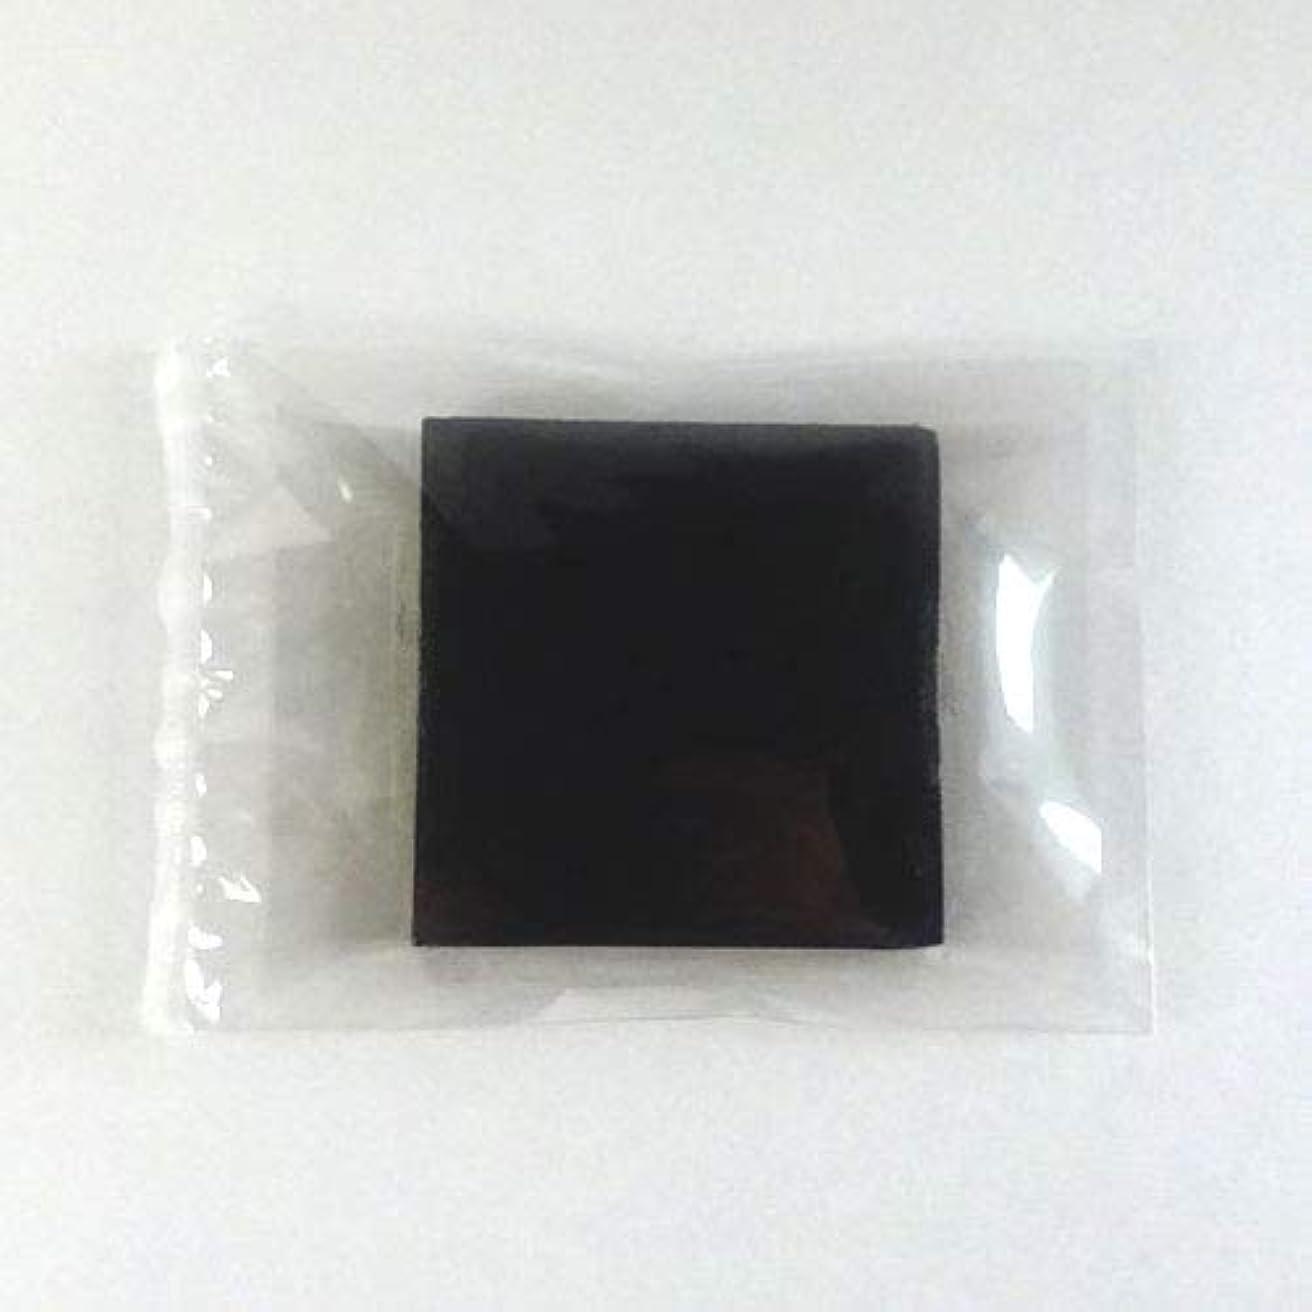 再撮りコンテンツバインドグリセリンソープ MPソープ 色チップ 黒(ブラック) 30g